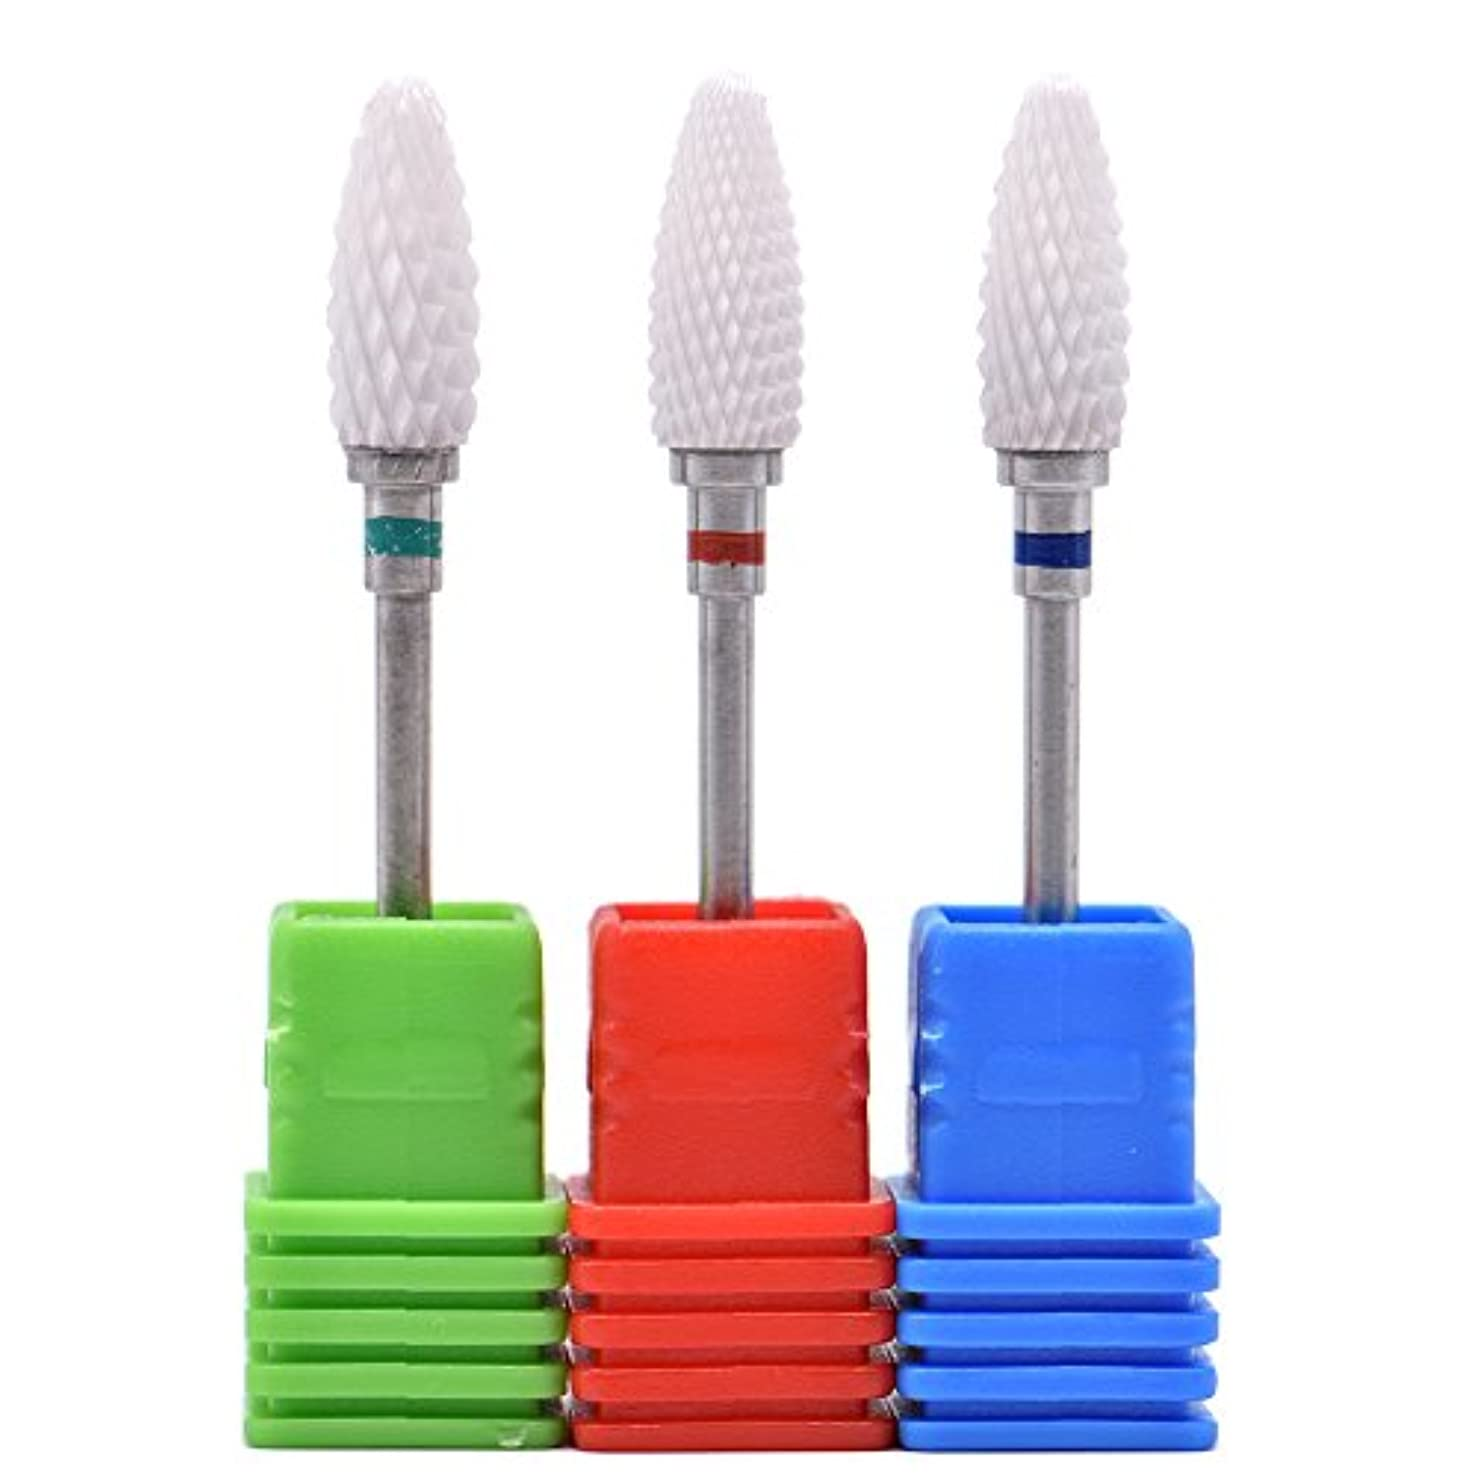 わずらわしい周囲座るOral Dentistry ネイルアート ドリルビット 長い 研磨ヘッド ネイル グラインド ヘッド 爪 磨き 研磨 研削 セラミック 全3色 (レッドF(微研削)+グリーンC(粗研削)+ブルーM(中仕上げ))